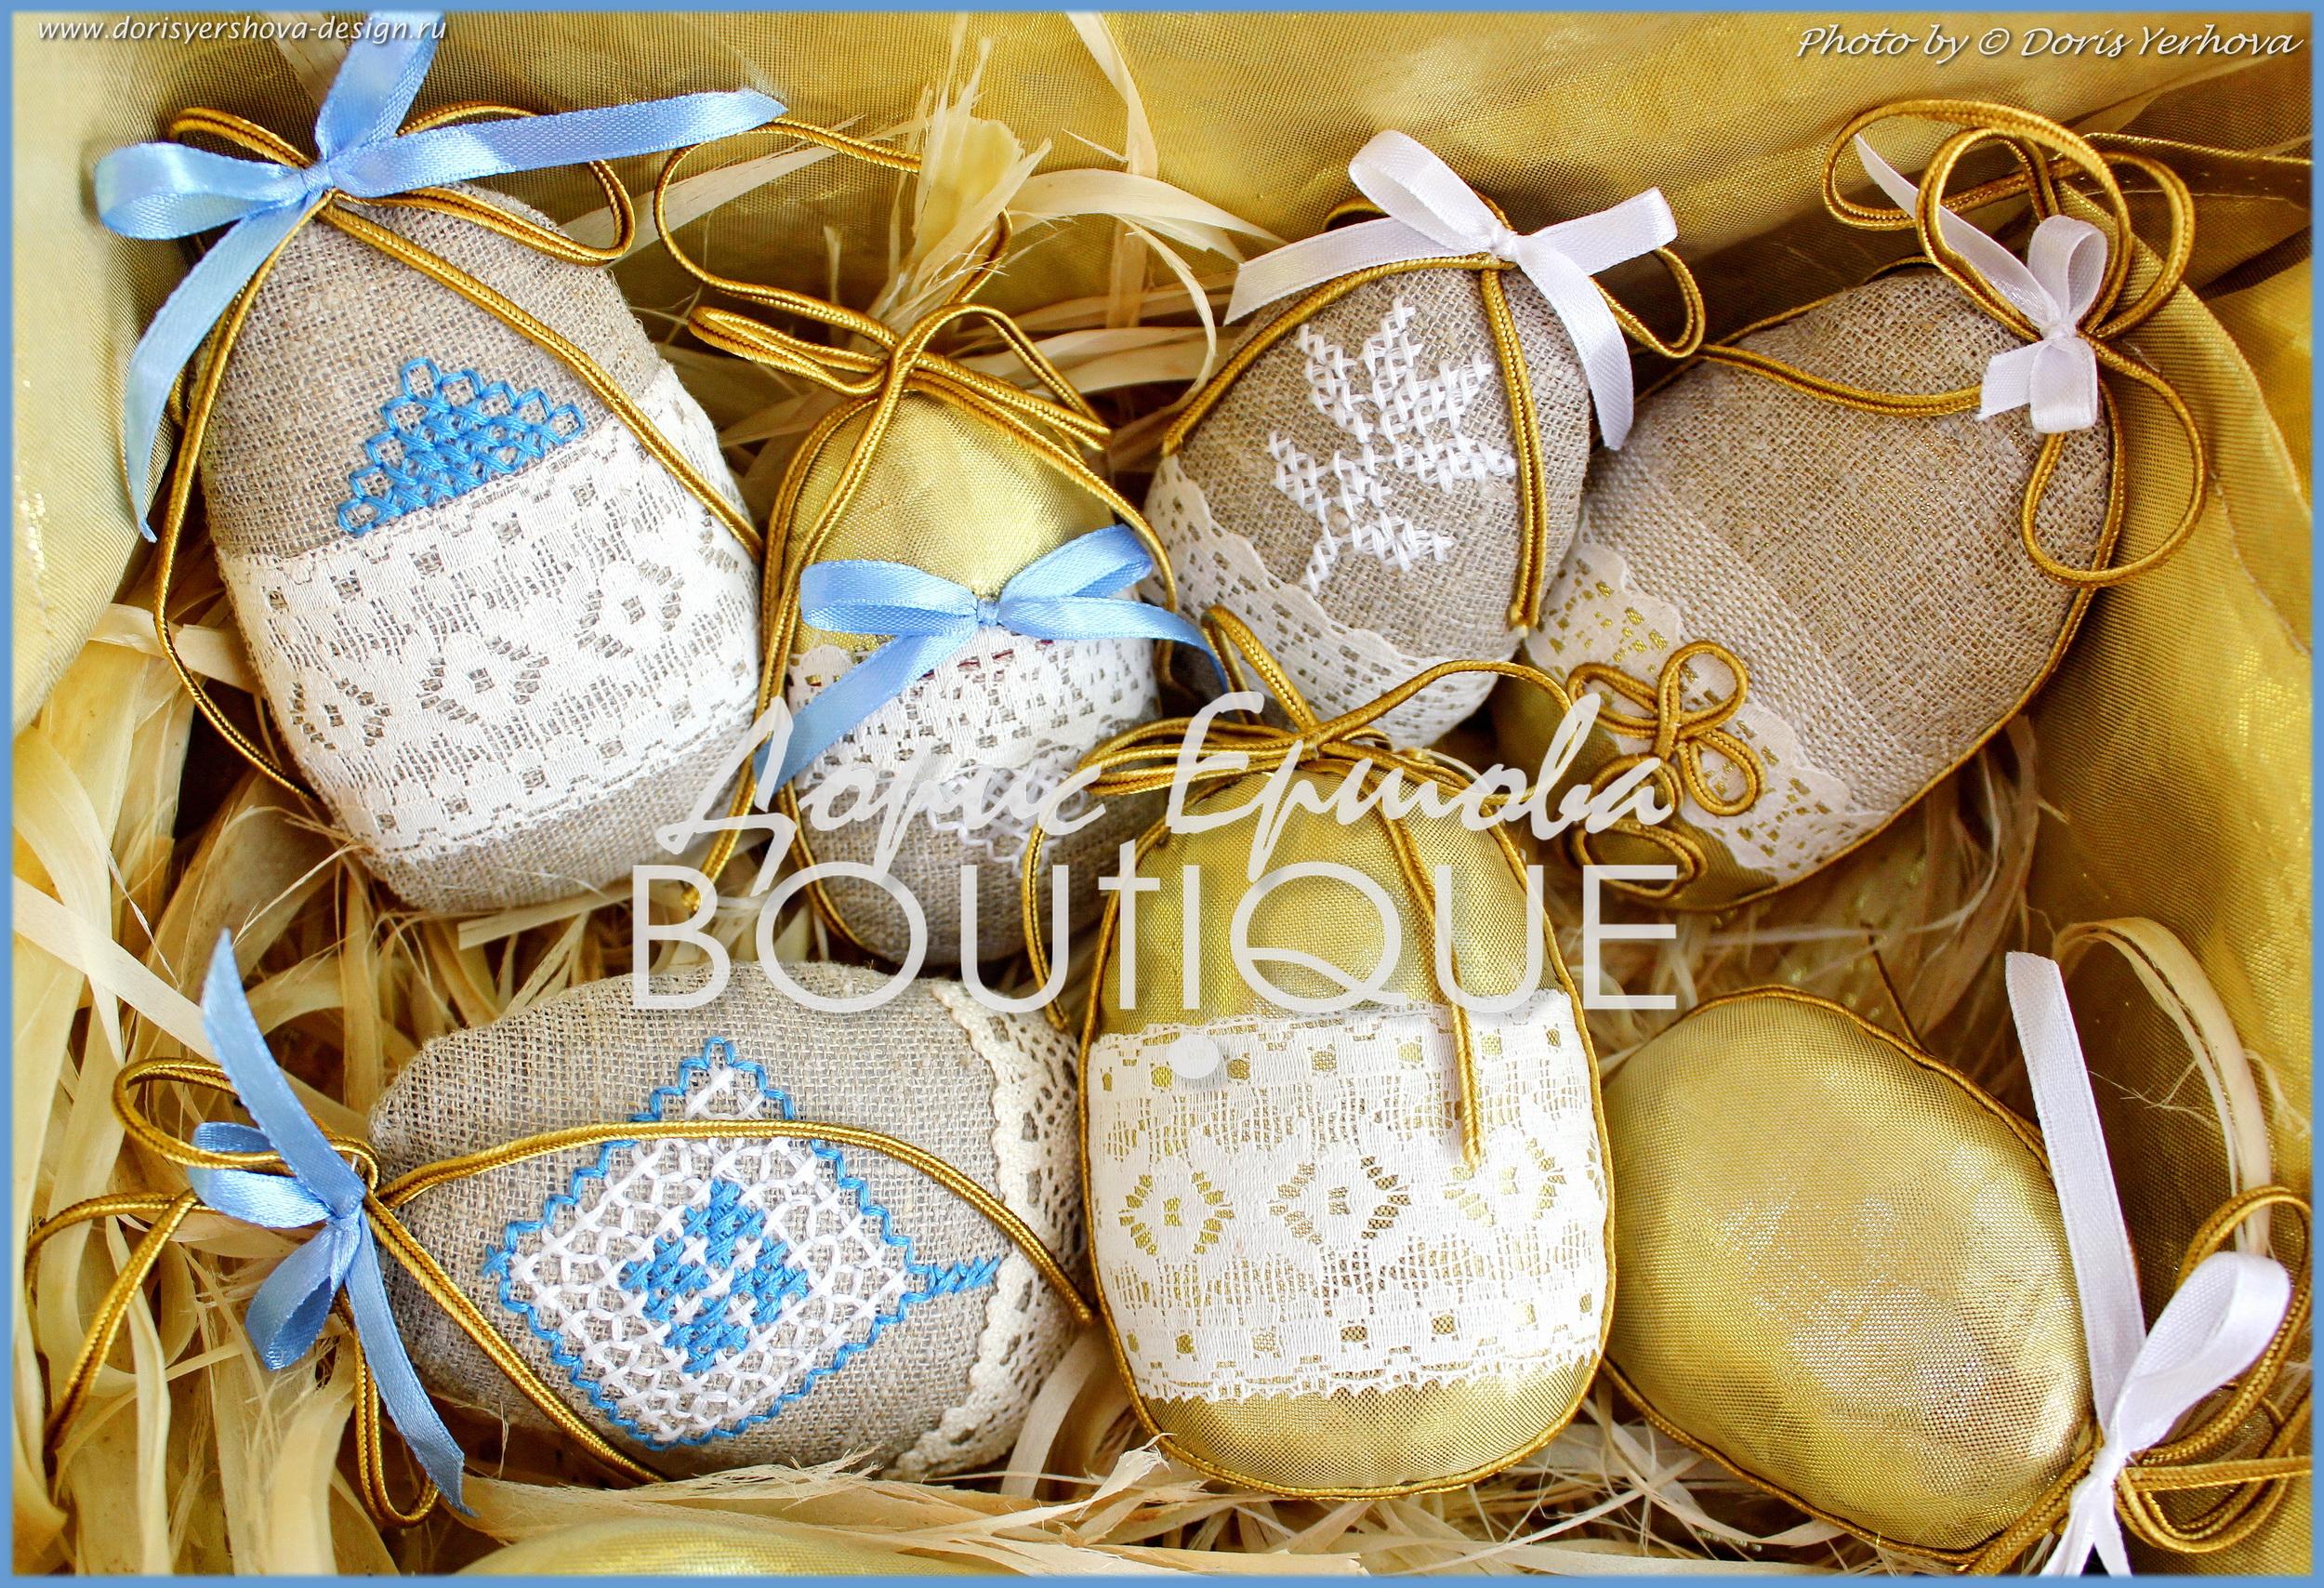 Декоративные яйца для декора к Пасхе. Дизайн & Исполнение - © Дорис Ершова